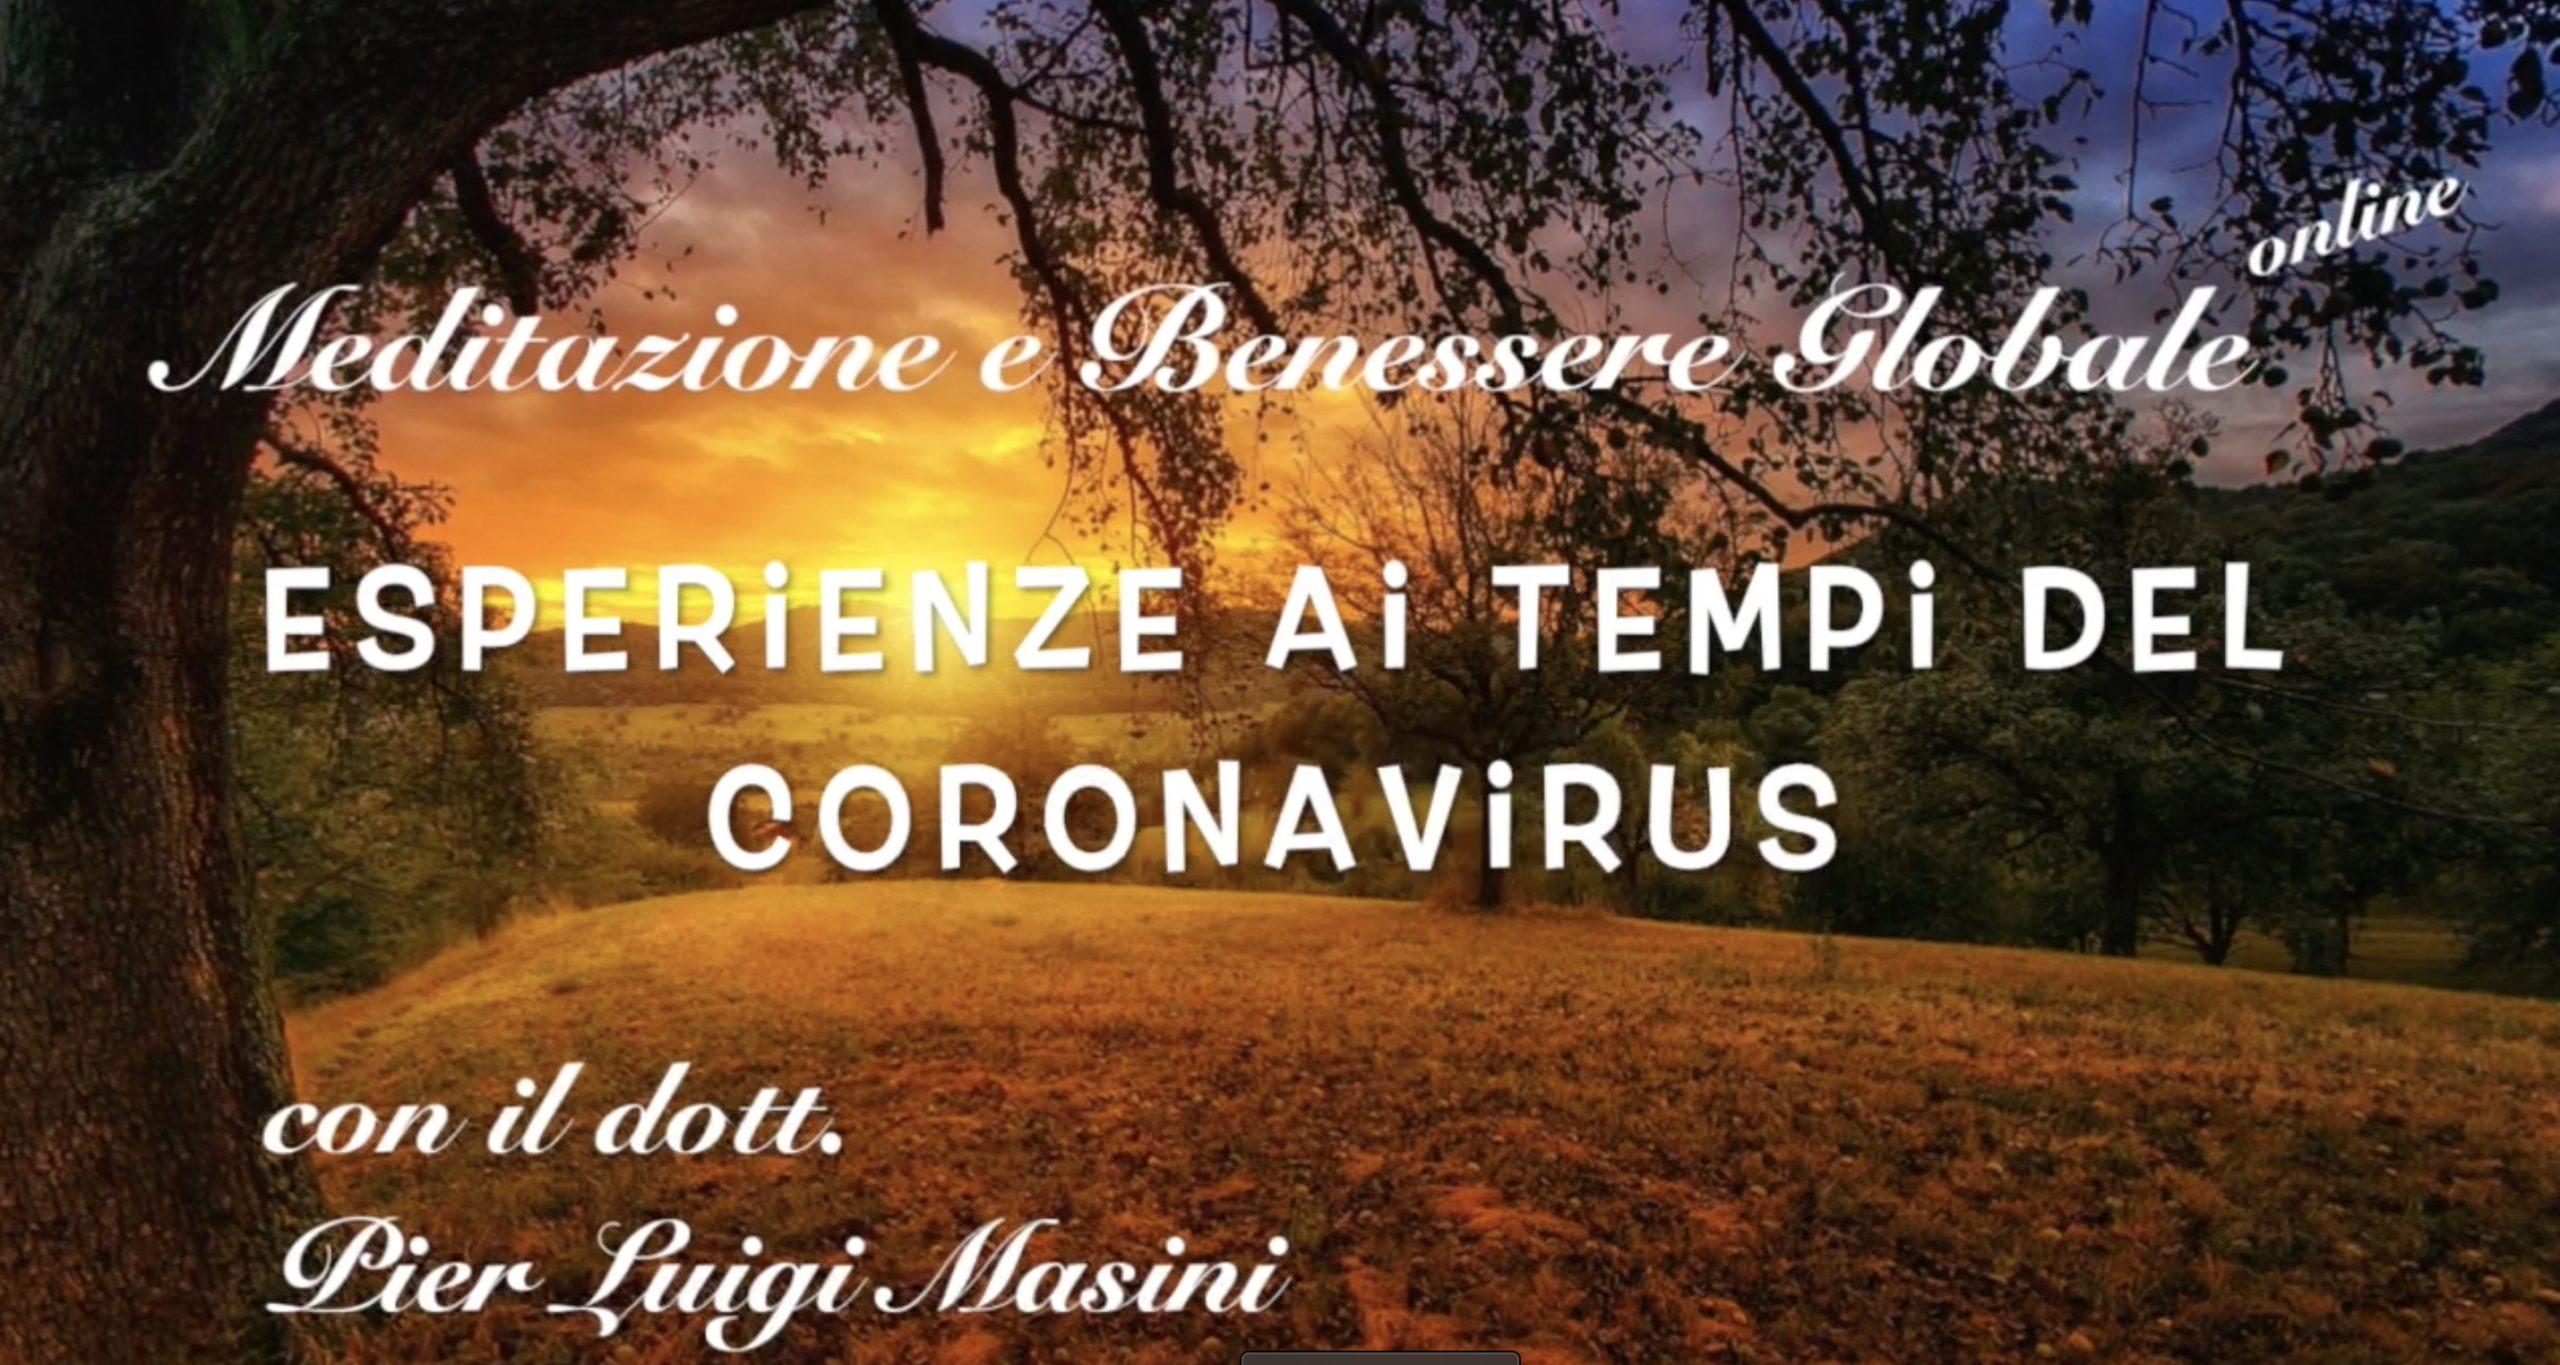 Esperienze al tempo del Coronavirus: si può anche ringraziare…